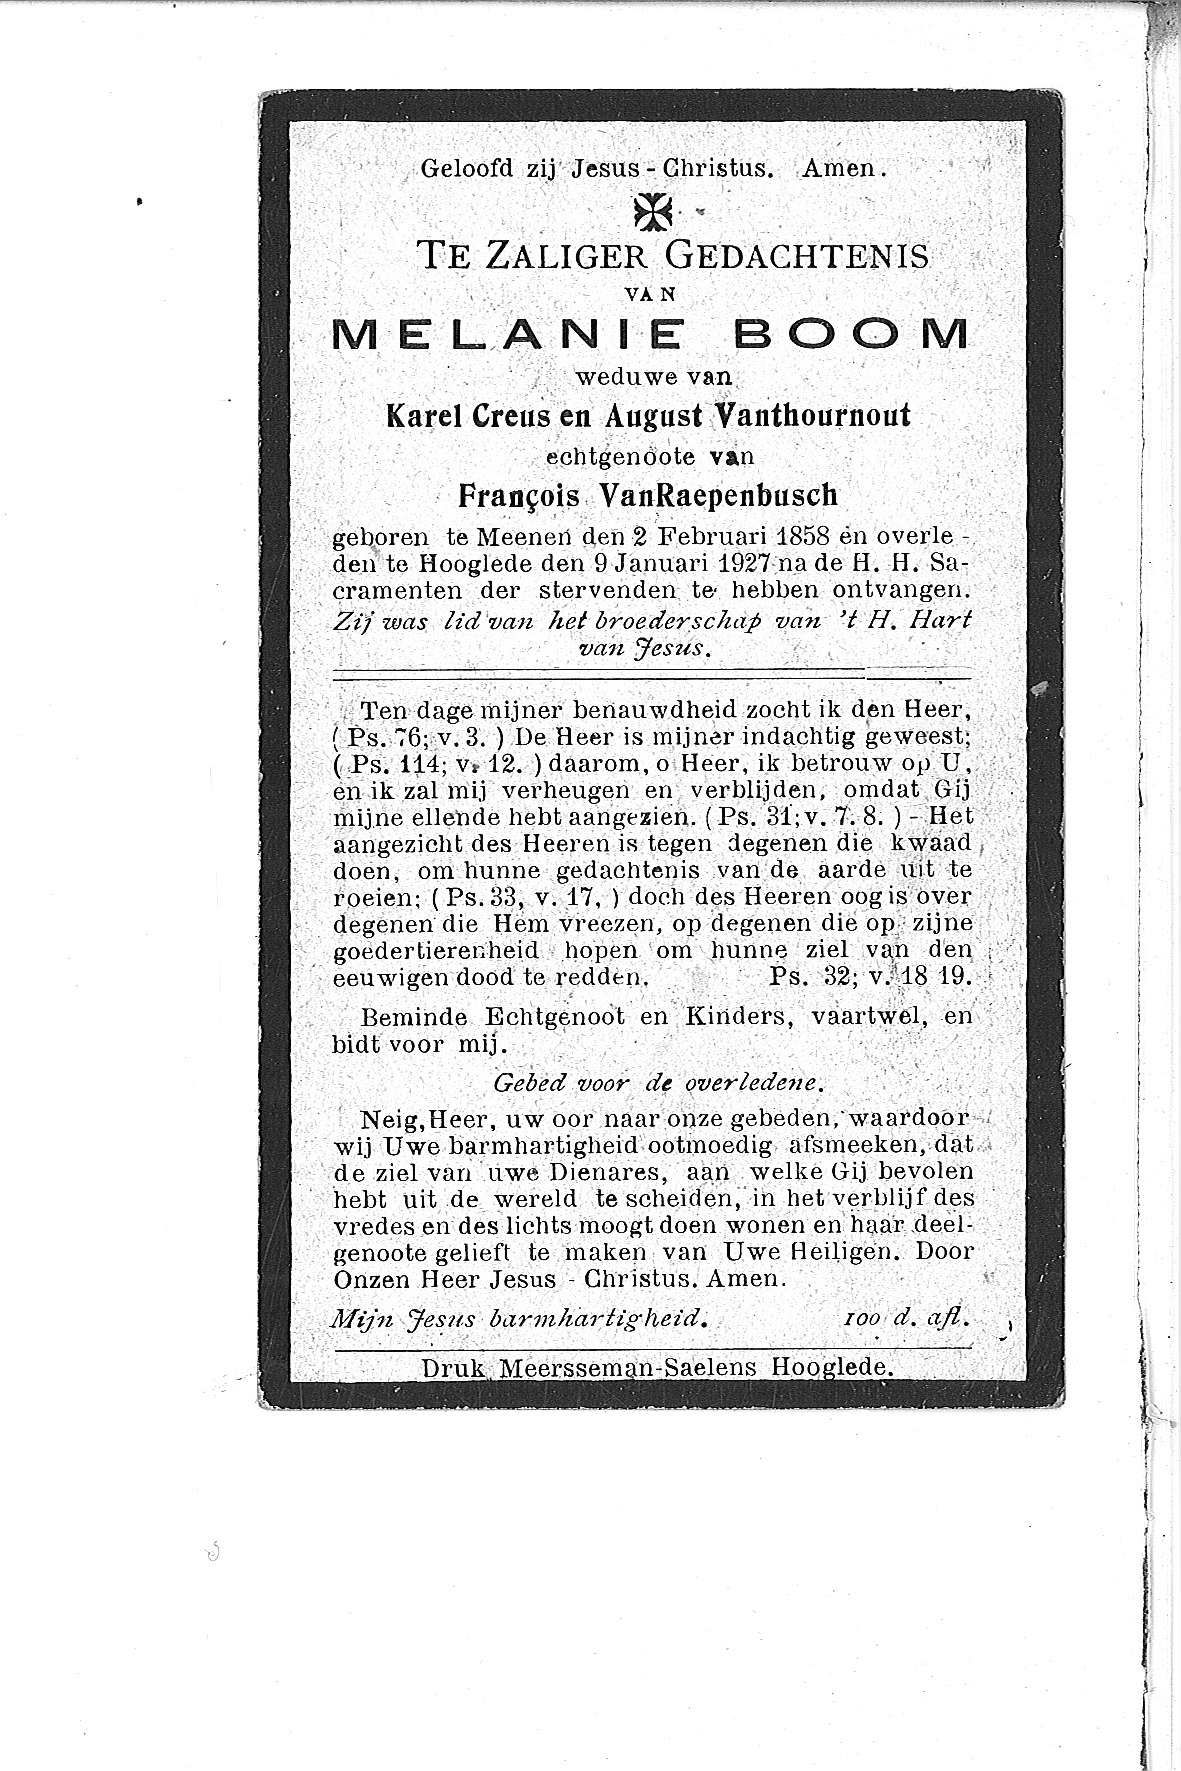 Melanie(1927)20110512104106_00064.jpg